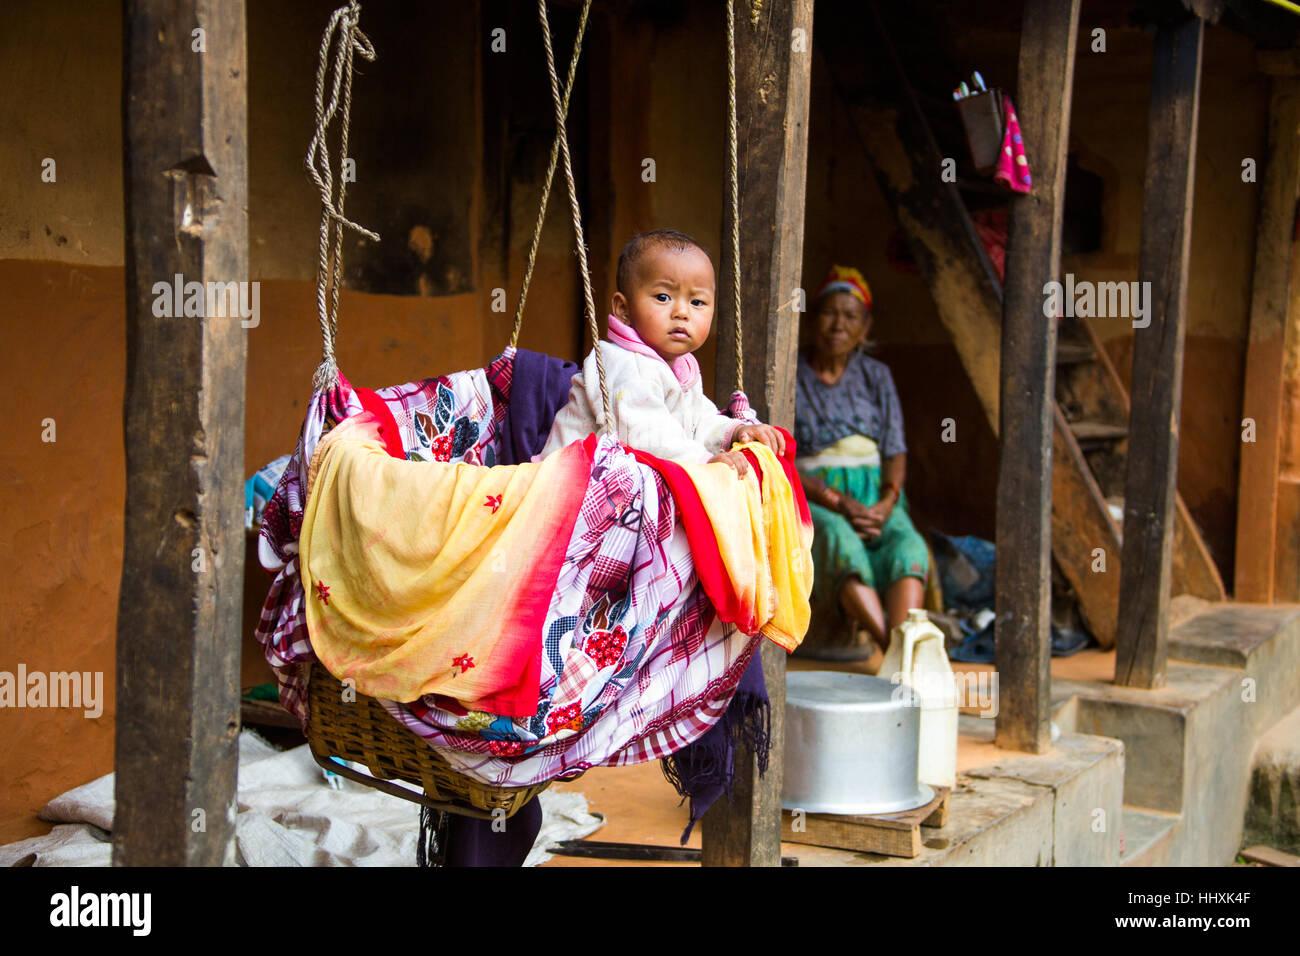 Bébé en berceau dans les collines au-dessus de Katmandou, Népal Photo Stock